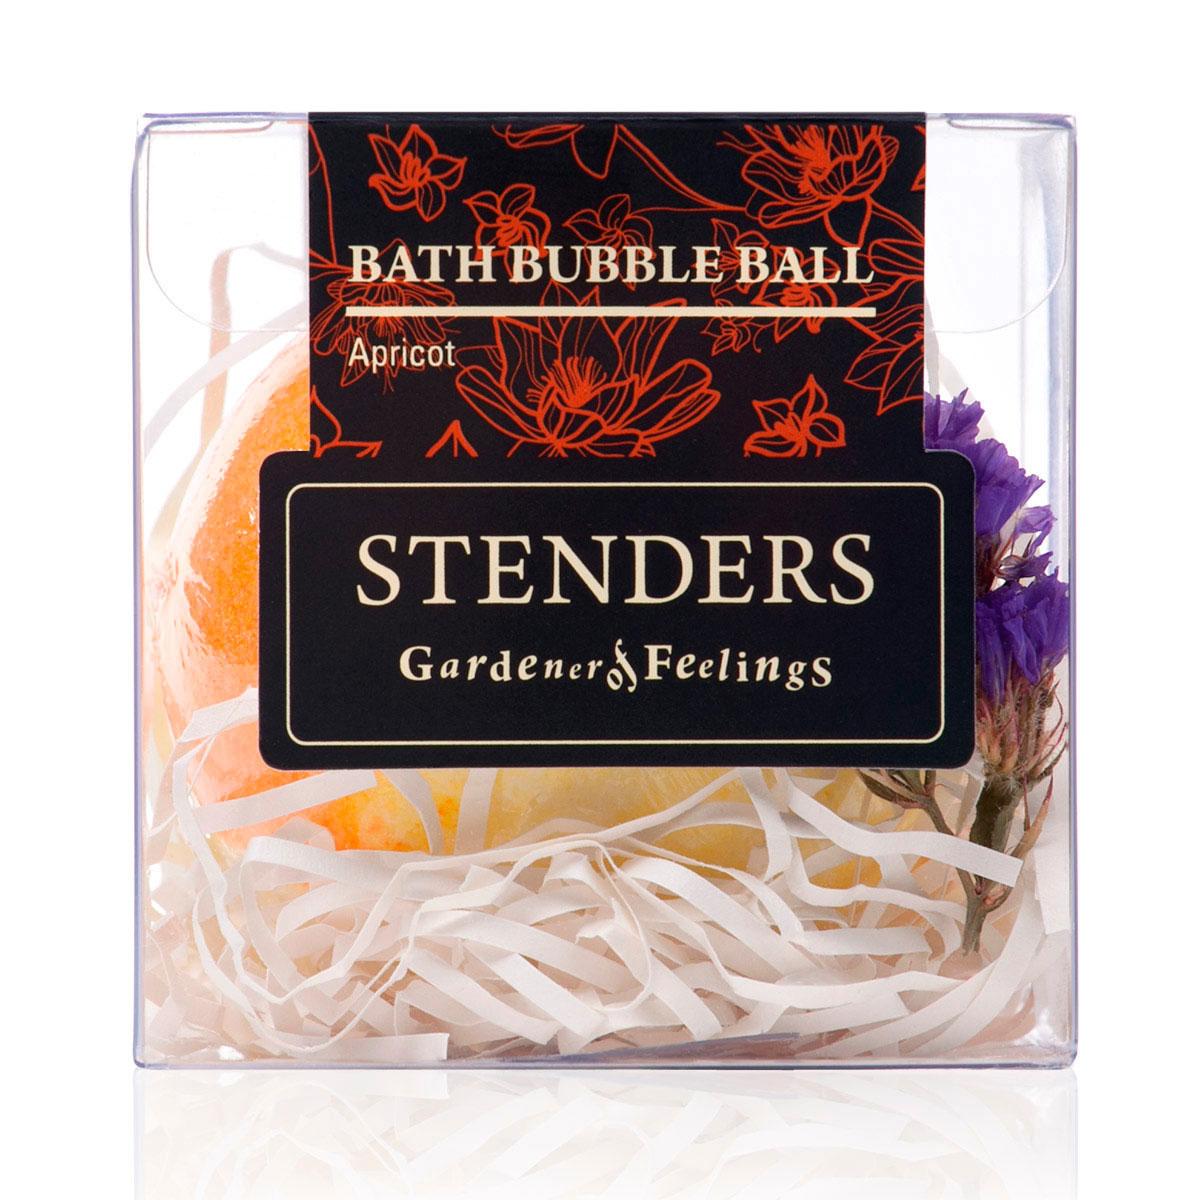 Stenders Бурлящий шар Абрикосовый, 125 гSISBB01Ваши любимые бурлящие шары, упакованные в красивую коробку - готовы удивлять и радовать. Этот изготовленный умелыми руками бурлящий шар для ванны наполнит помещение запахом сладкого абрикоса и ощущением солнечного лета. Для того чтобы позаботиться о вашей коже во время купания, мы добавили в этот шар натуральные кристаллы морской соли. После купания ощутите, какой нежной и гладкой сделало вашу кожу масло виноградных косточек.Масло виноградных косточек особенно хорошо тем, что содержит ненасыщенные жирные кислоты в большой концентрации. Оно придаст жизненную силу вашей коже, тщательно увлажняя и смягчая ее. Кристаллы соли моря богаты ионами кальция, калия и натрия. Эти вещества очистят вашу кожу и укрепят ногти. Релаксирующая ванна с солью помогает регулировать уровень влаги в клетках, устраняя припухлость и снимая усталость.